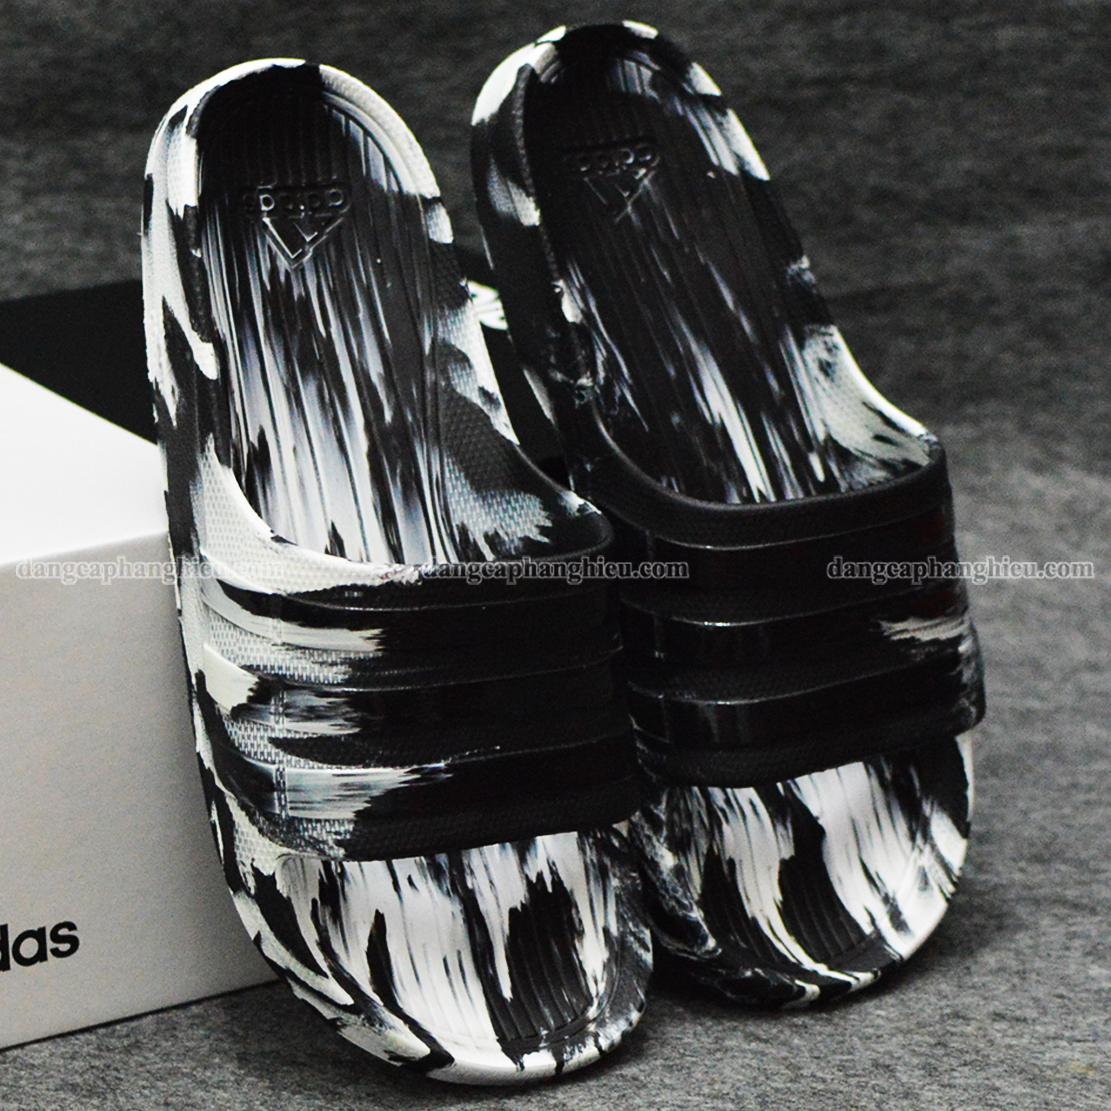 Dép Adidas Duramo Camo chính hãng đen trắng